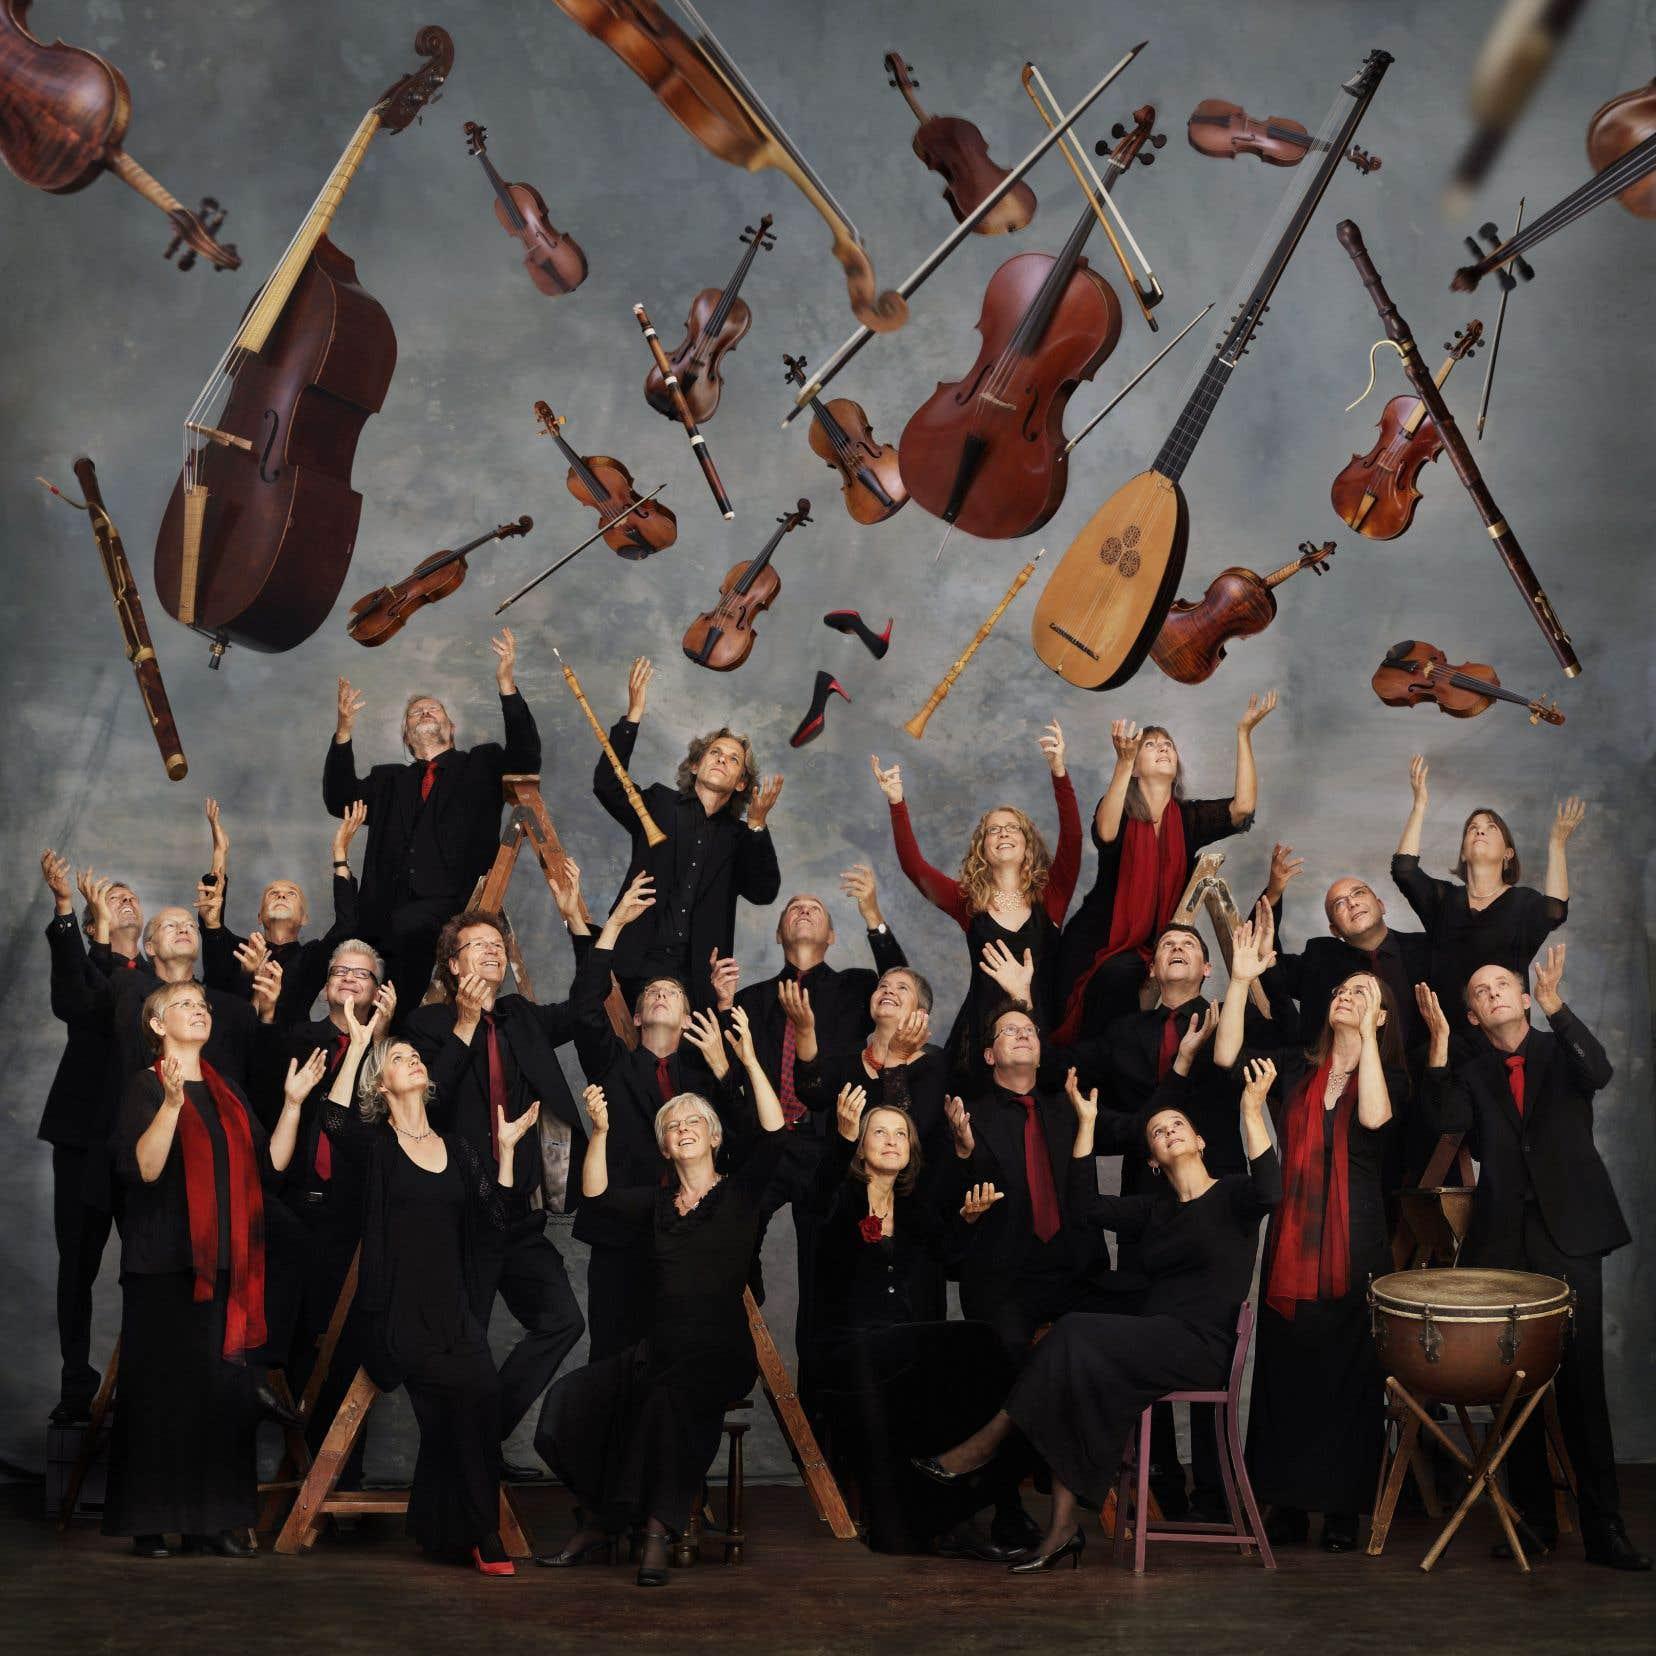 Une visite d'importance marque la fin de semaine d'ouverture: l'Akademie für Alte Musik Berlin (Akamus) qui jouera les «Concertos brandebourgeois nos 1 à 5» le vendredi 22 novembre et trois des quatre «Suites pour orchestre» le samedi 23.